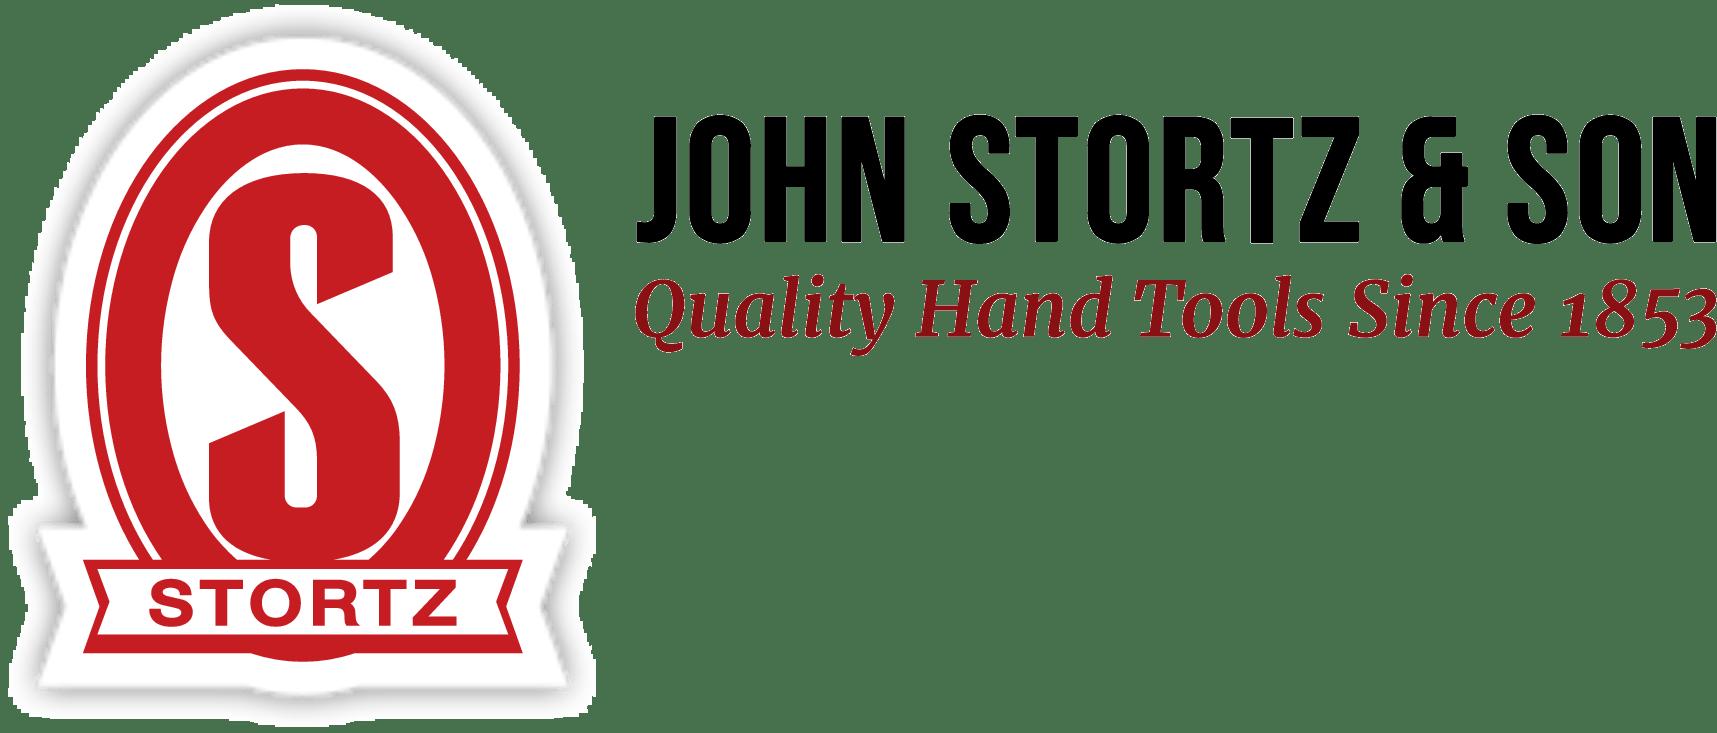 John Stortz and Son logo